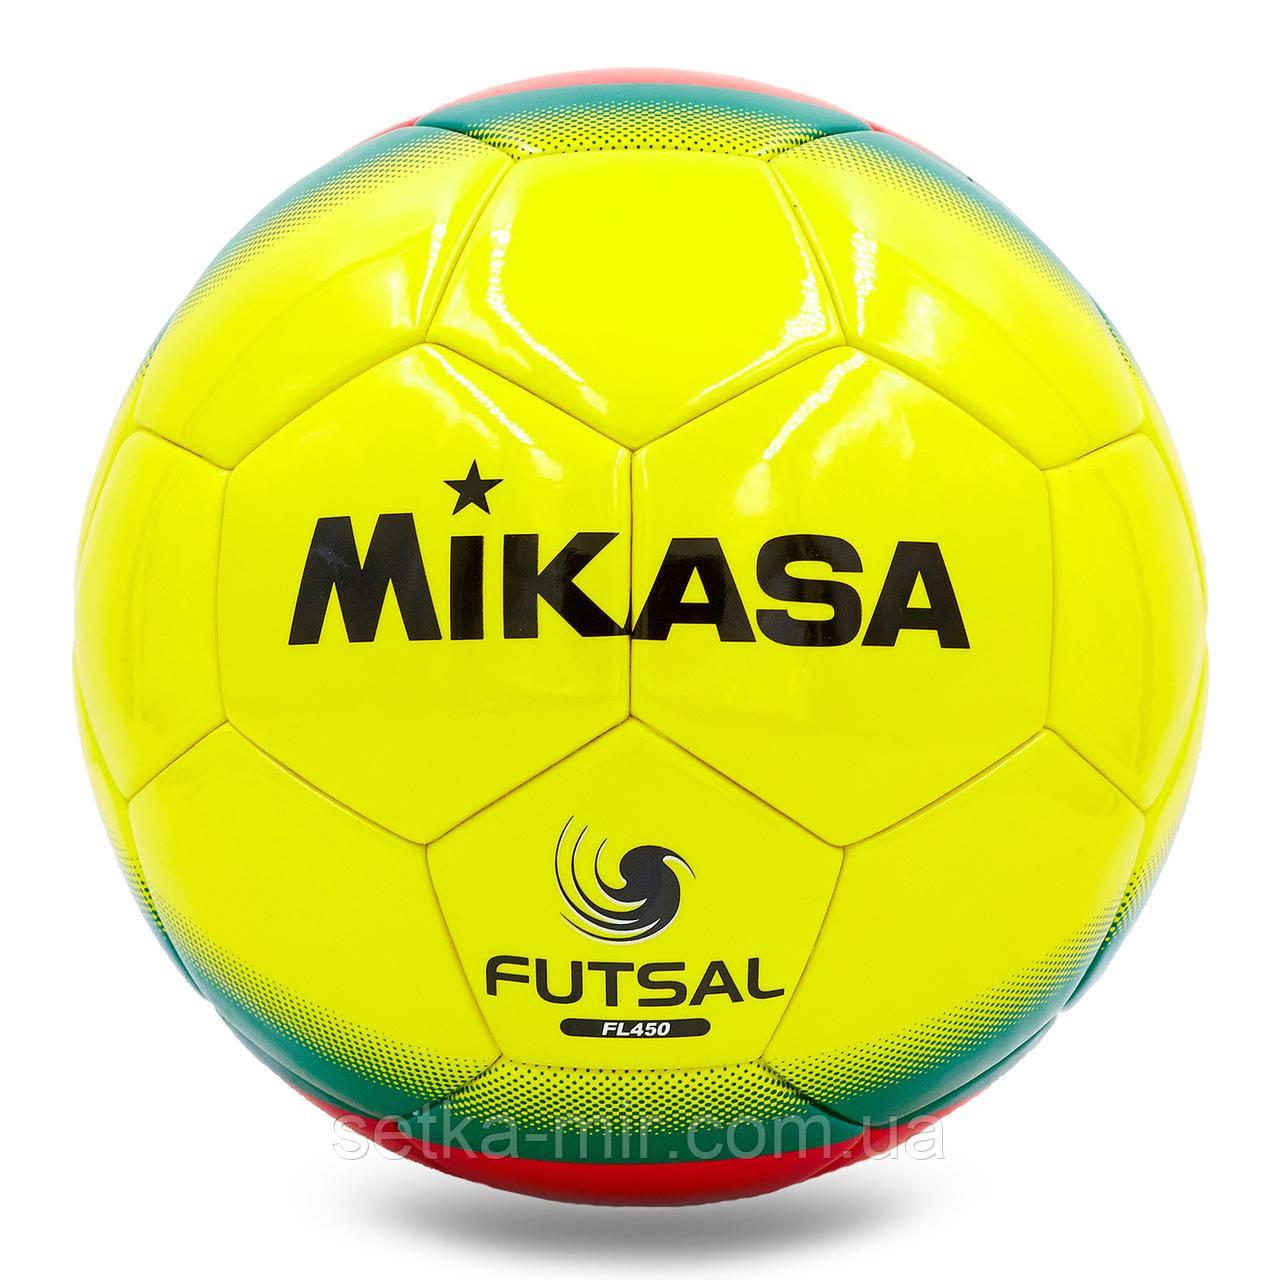 Мяч для футзала №4 Клееный-PU MIK FL-450, желтый-красный-зеленый